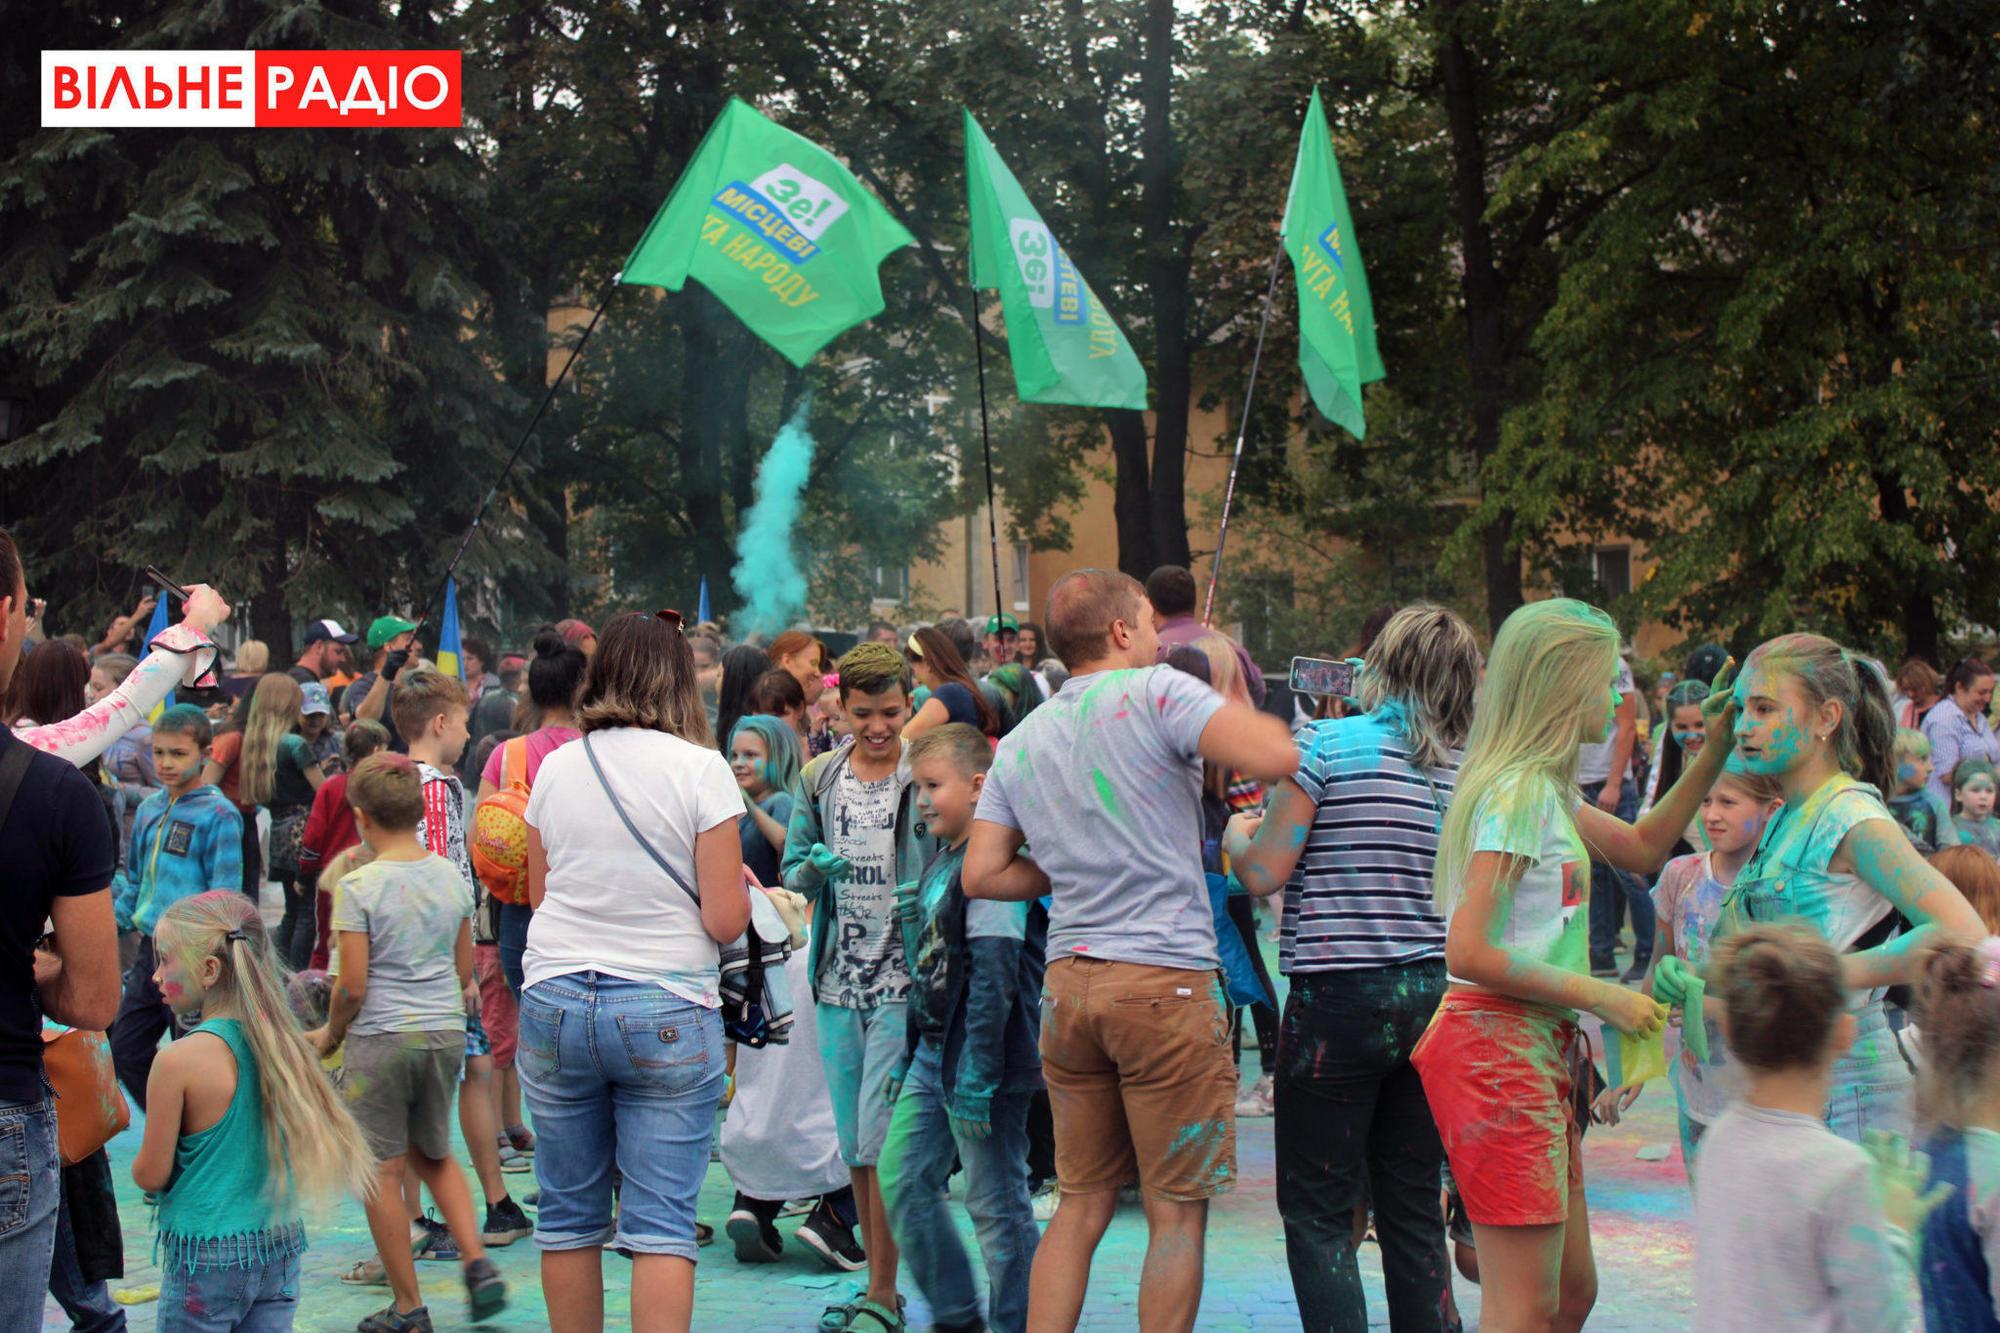 Холи краски праздник Слуга народа политическая агитация выборы-2020